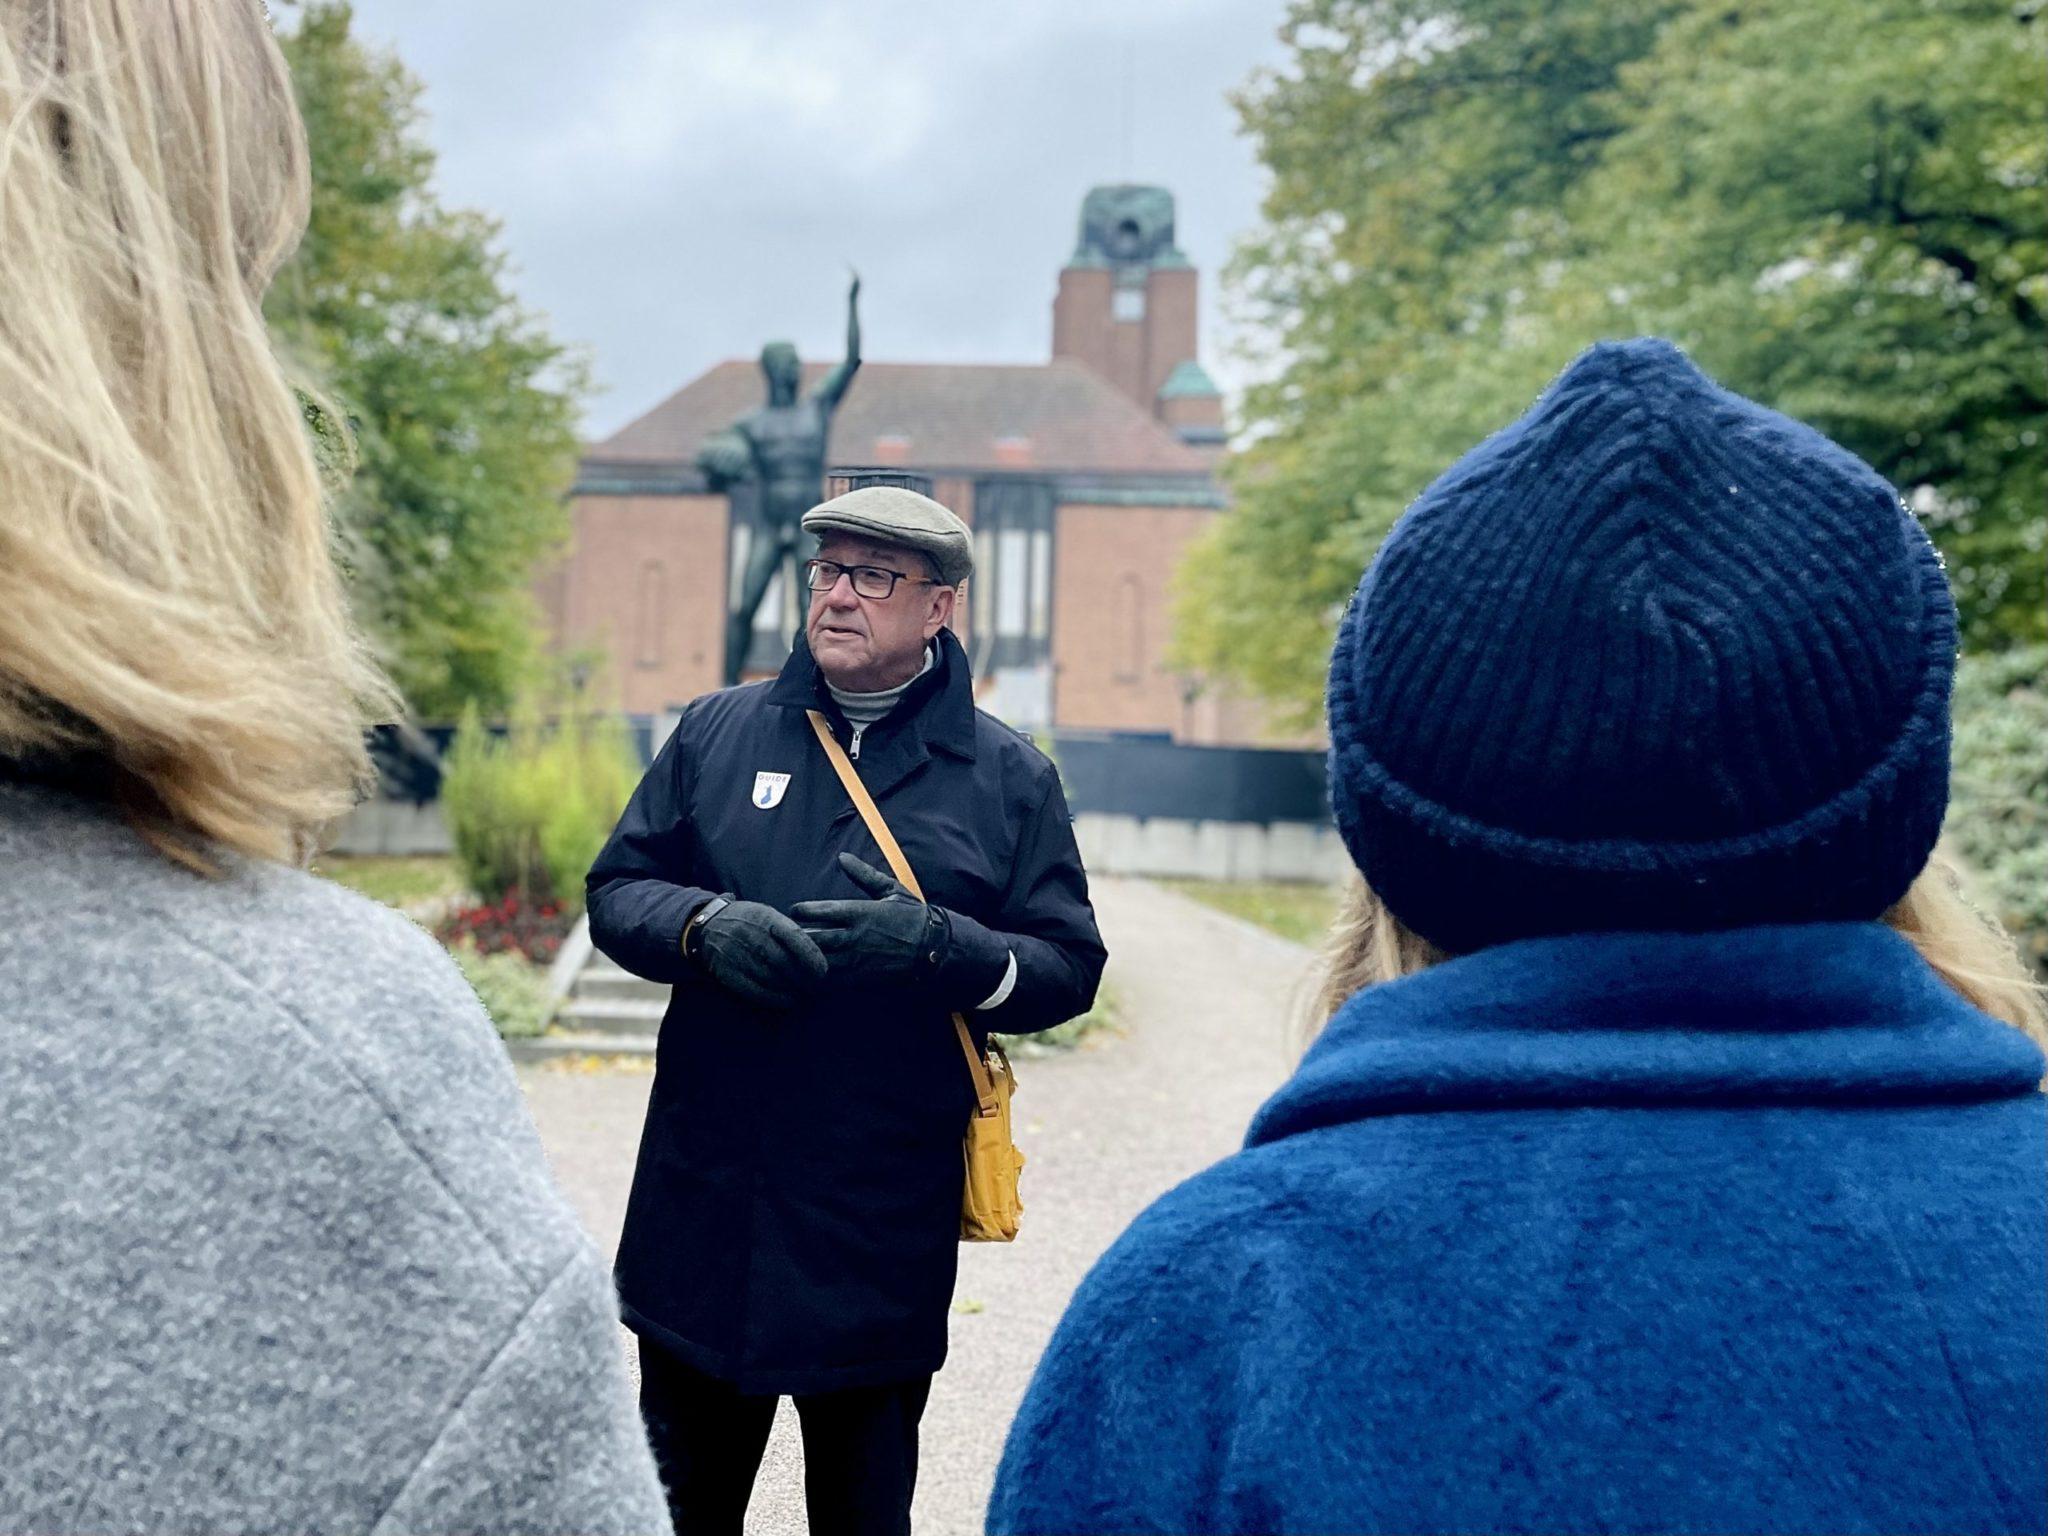 Guiden och två lyssnare står vid en staty